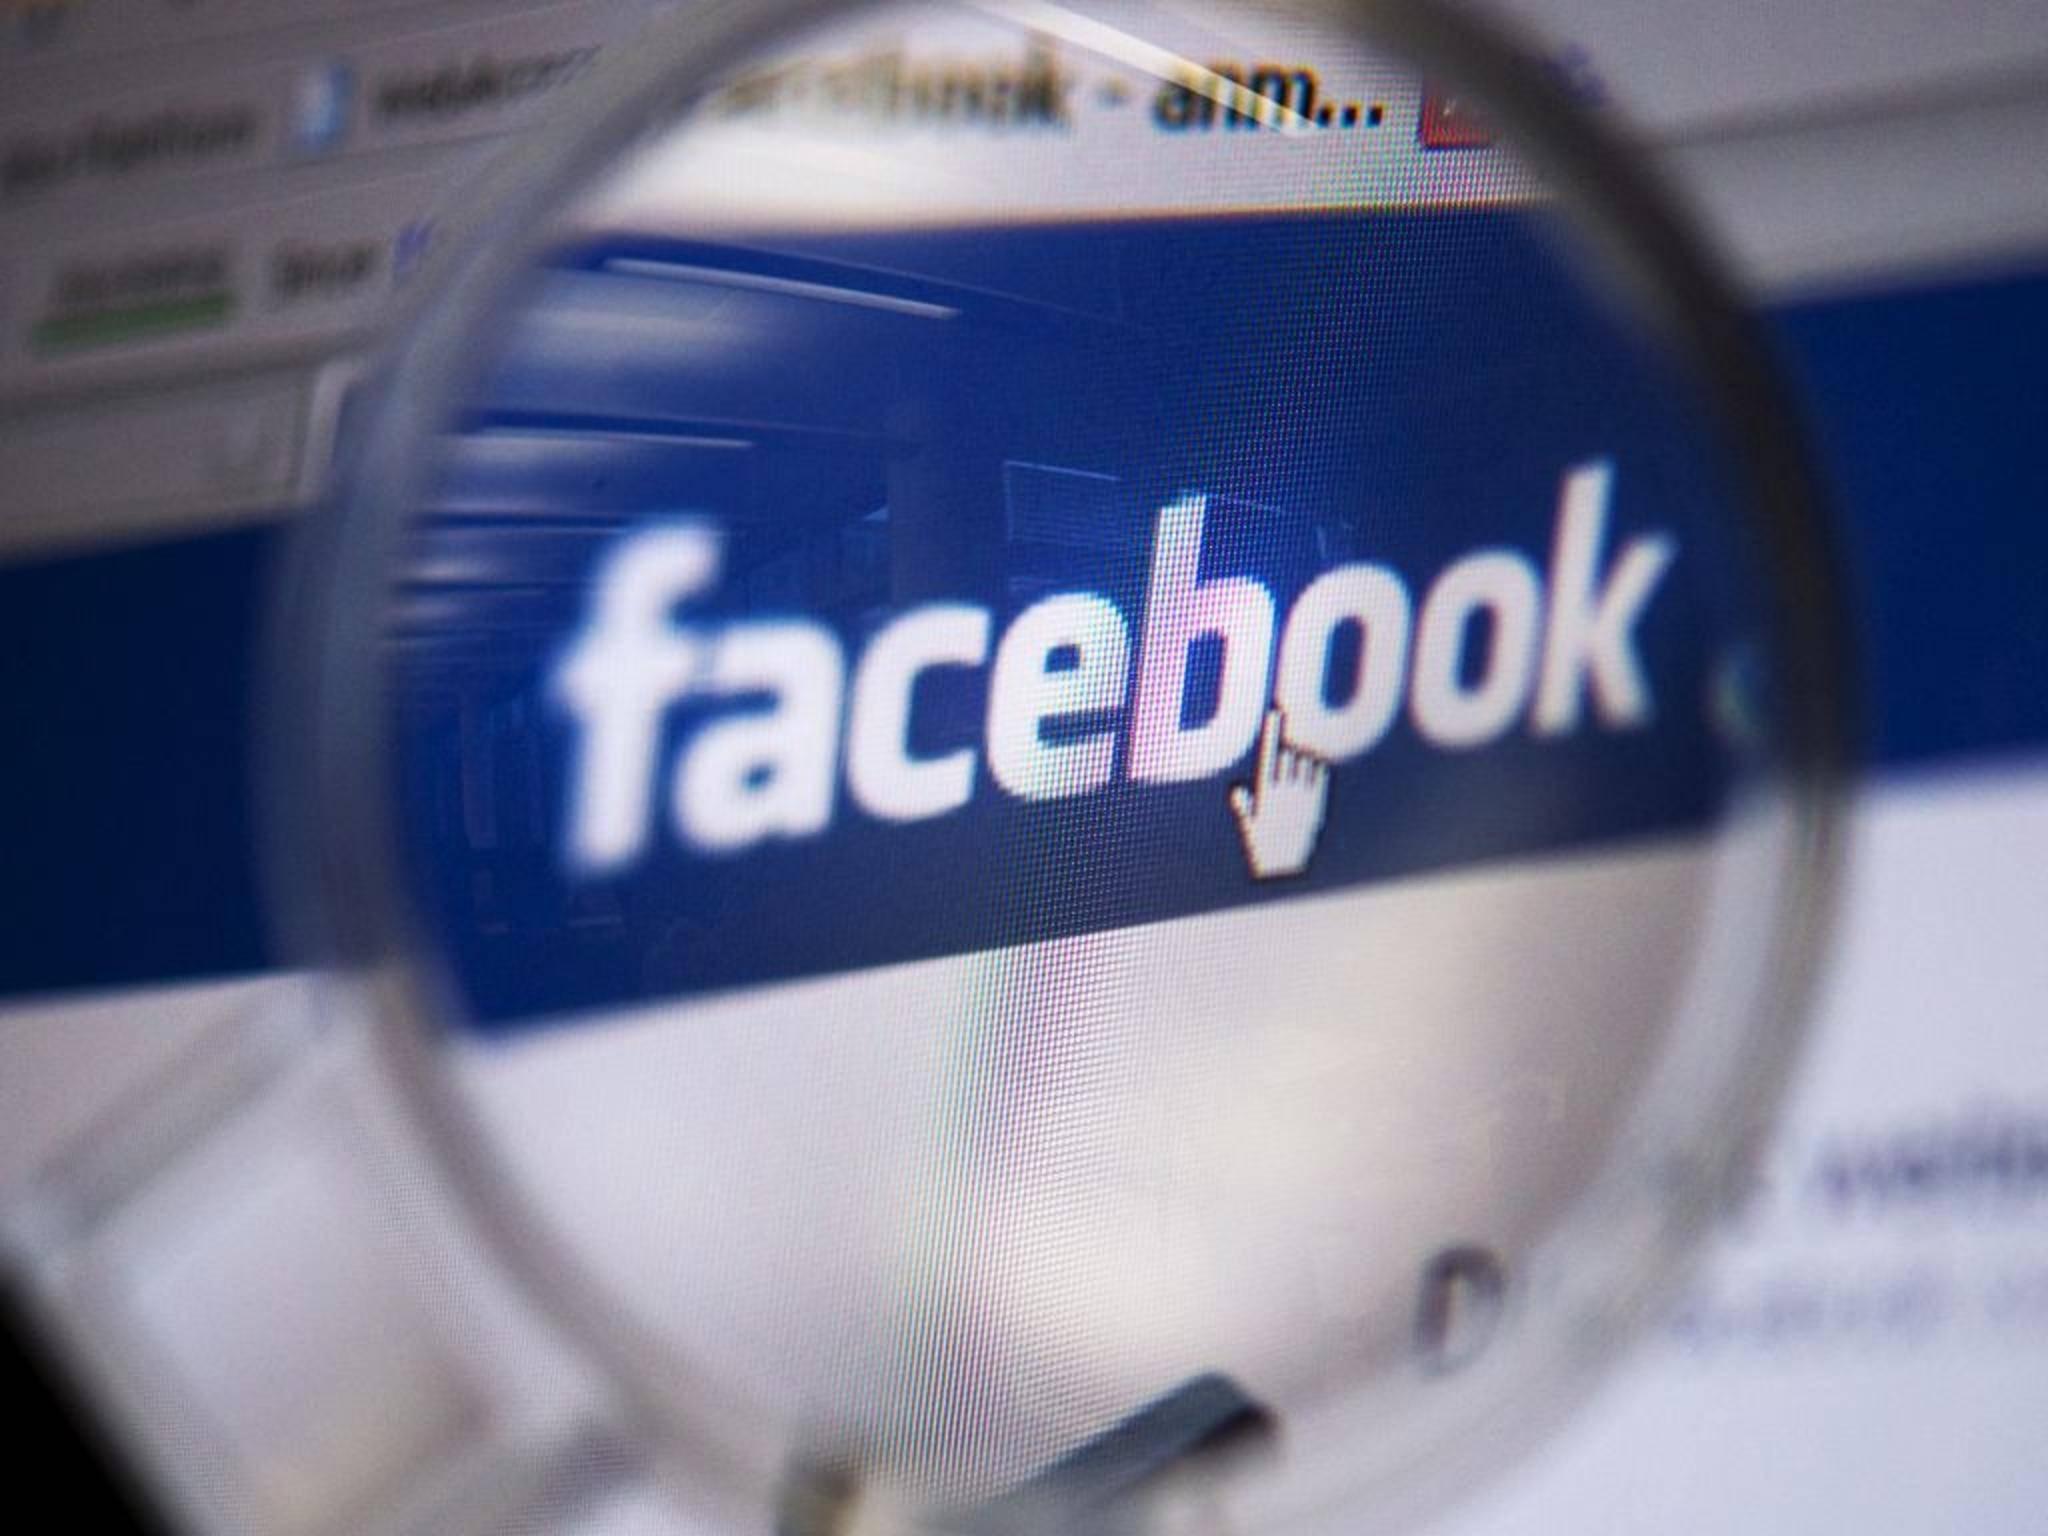 Was schätzt Facebook eigentlich als interessant für Dich ein? Und: Warum?